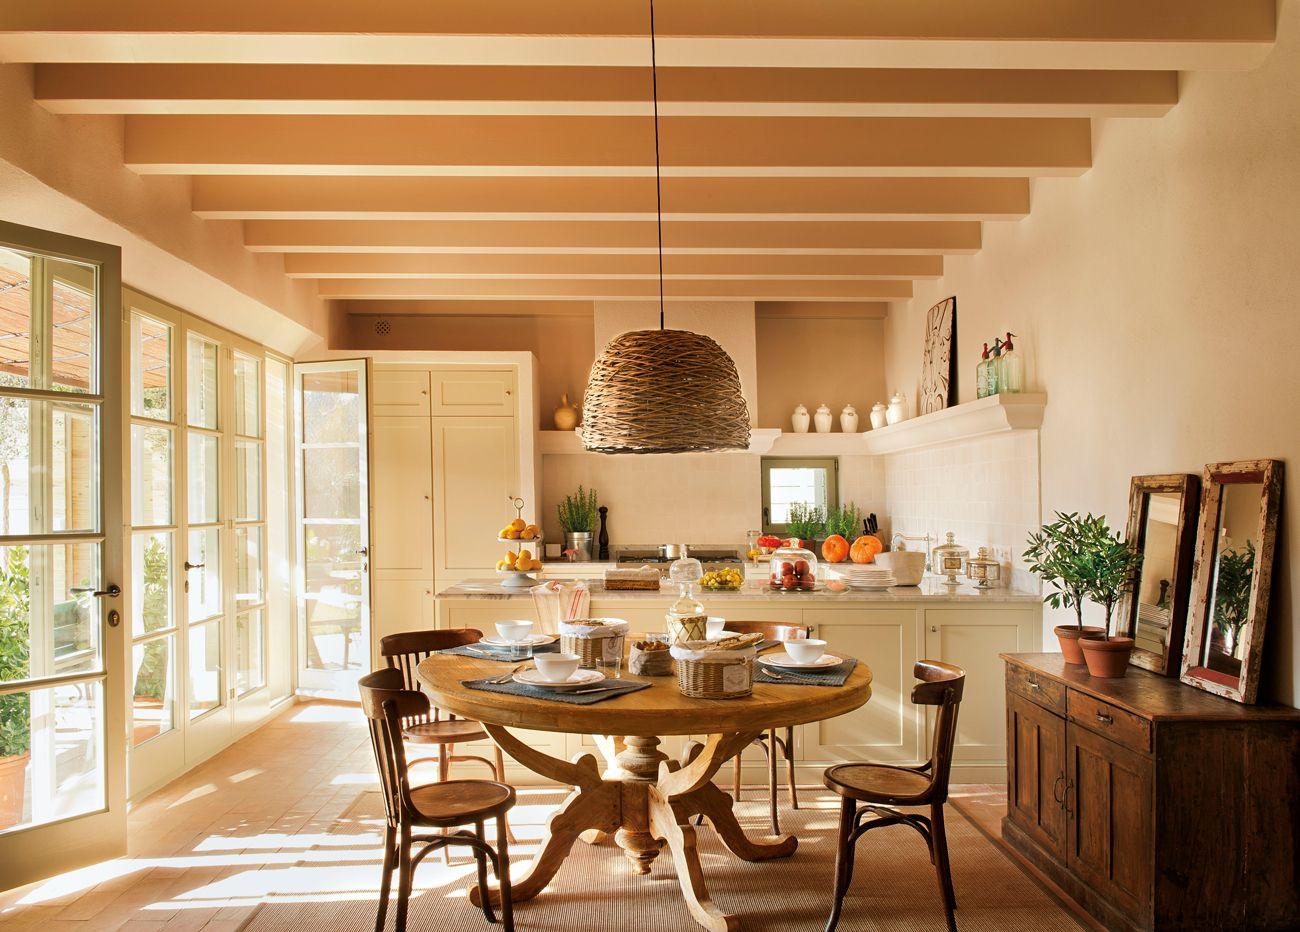 Todo destaca  casa  Decoracin de unas Deco cocina